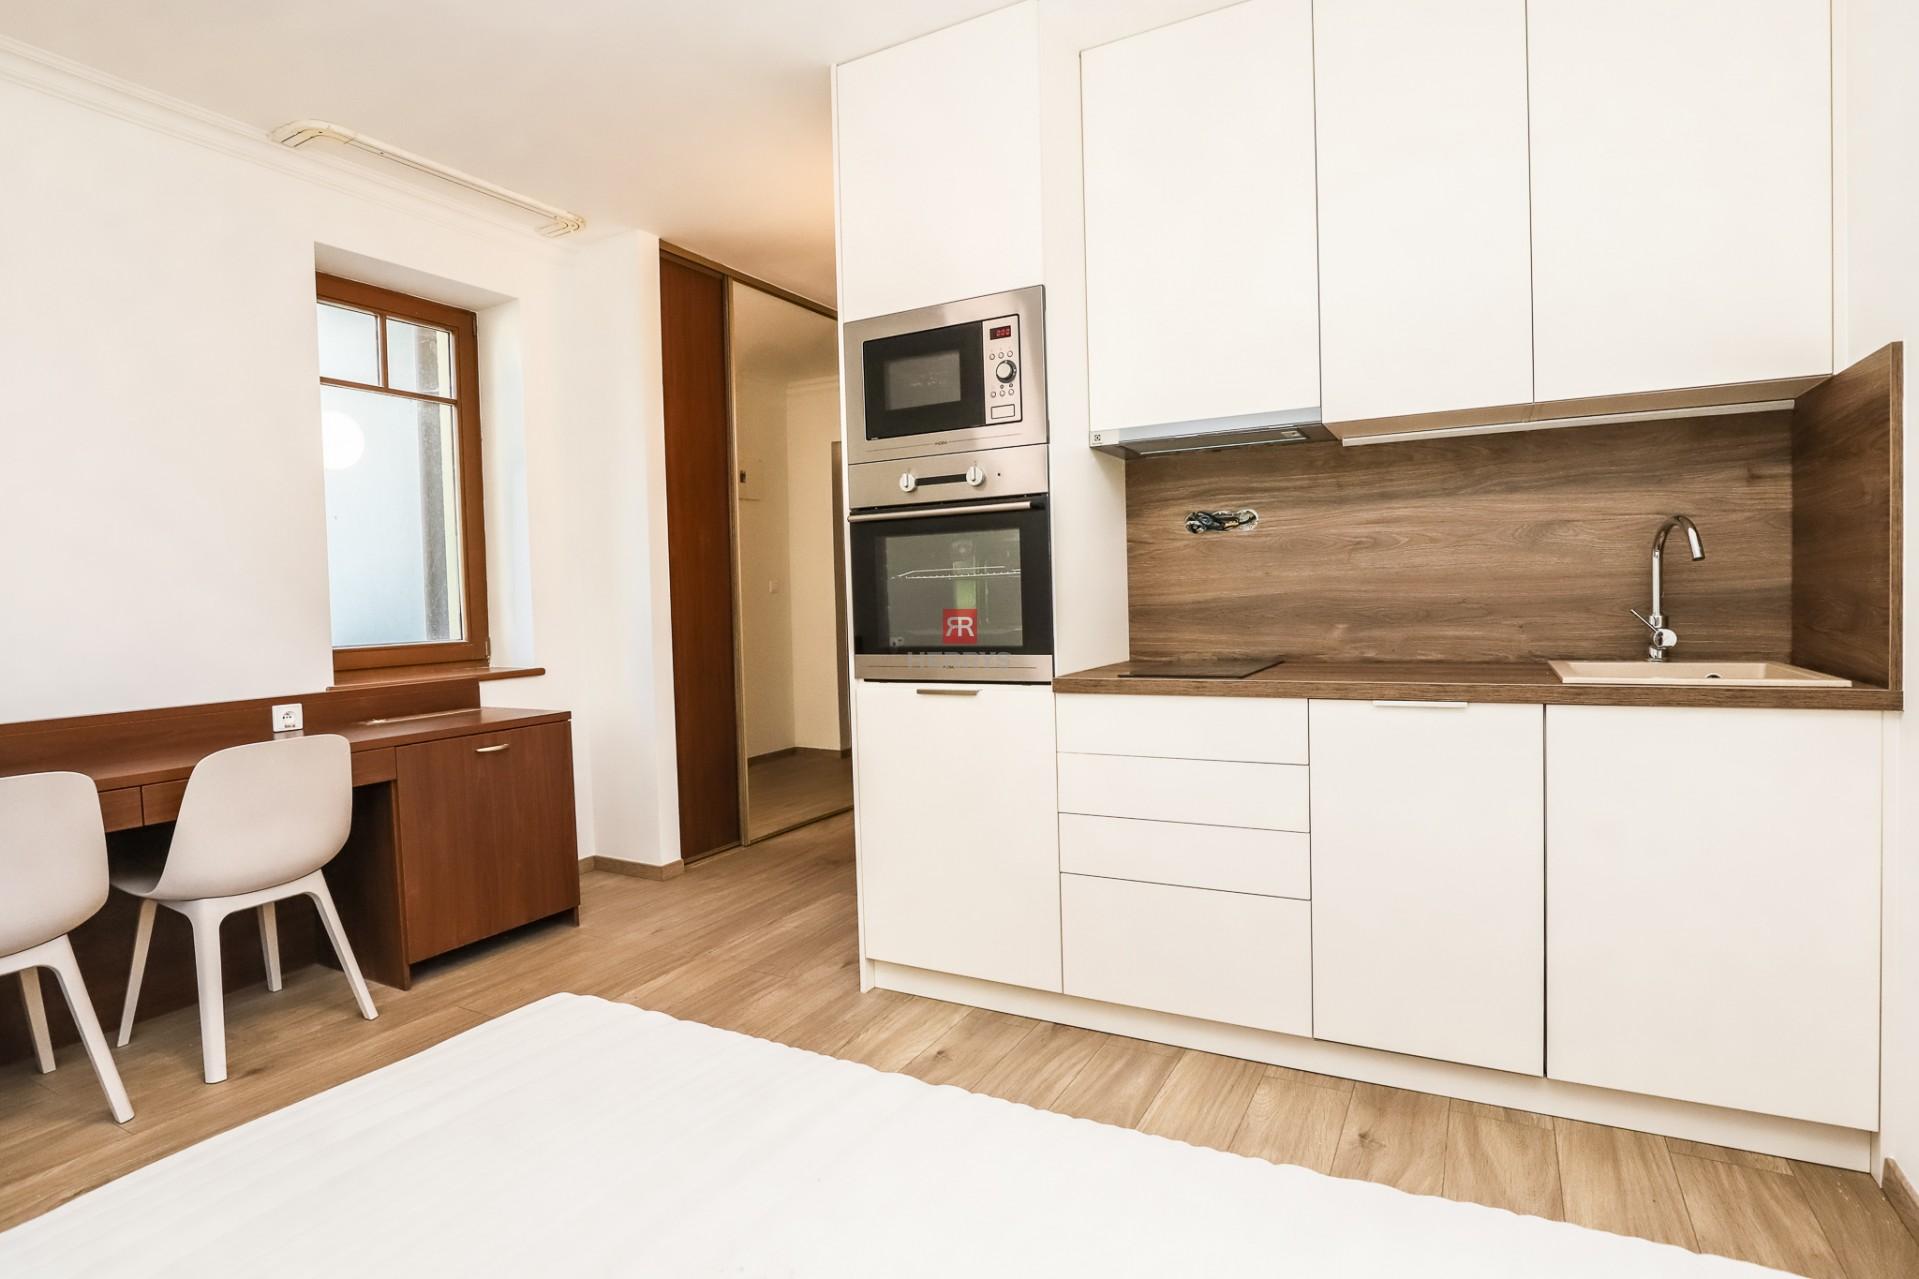 HERRYS - Na prenájom 1 izbový byt na Antolskej ulici v Petržalke priamo pri jazere Draždiak